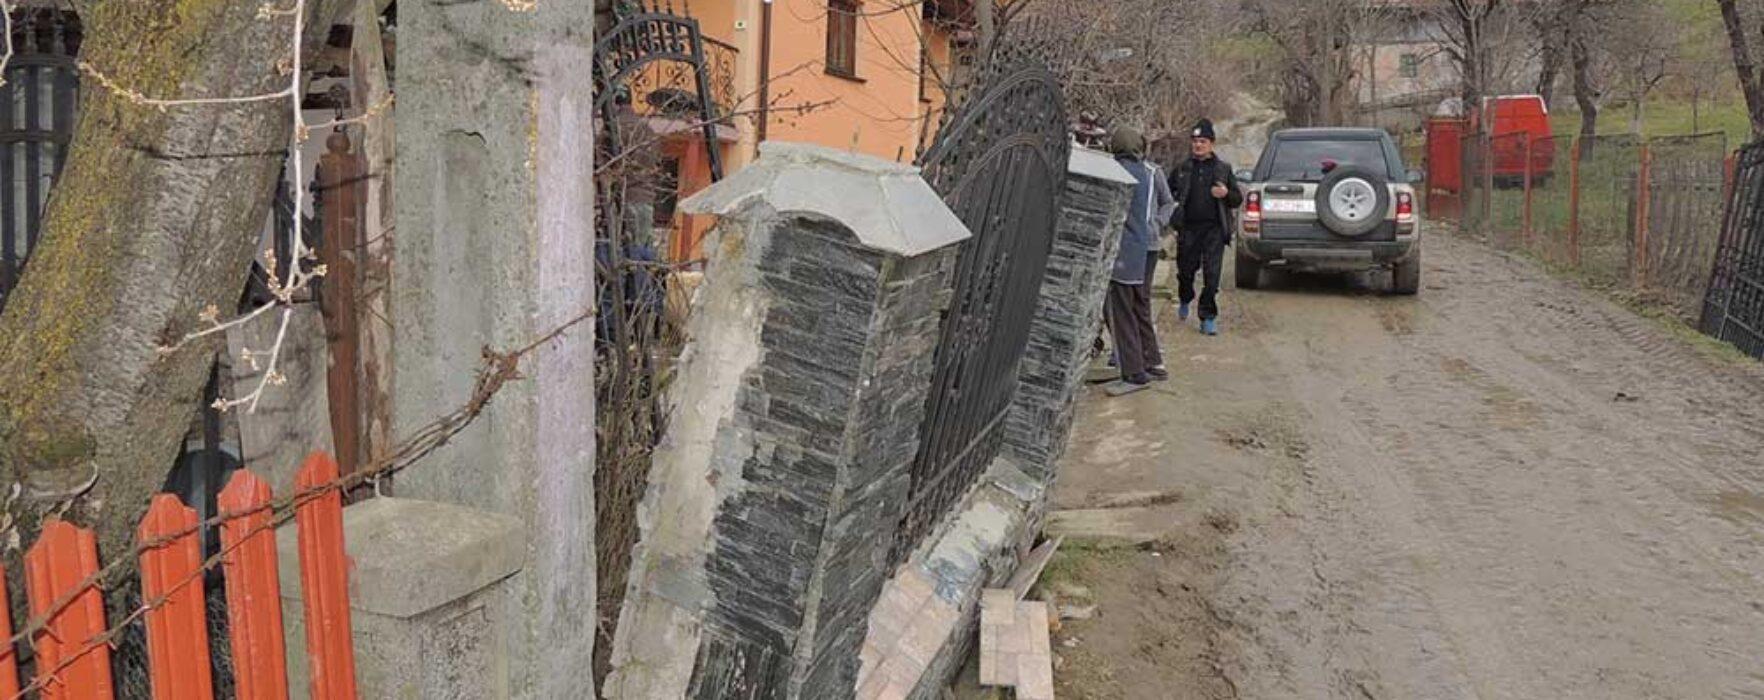 Dâmboviţa: 14 case sunt grav afectate şi în pericol de a se dărâma în Văleni Dâmboviţa, din cauza alunecărilor de teren